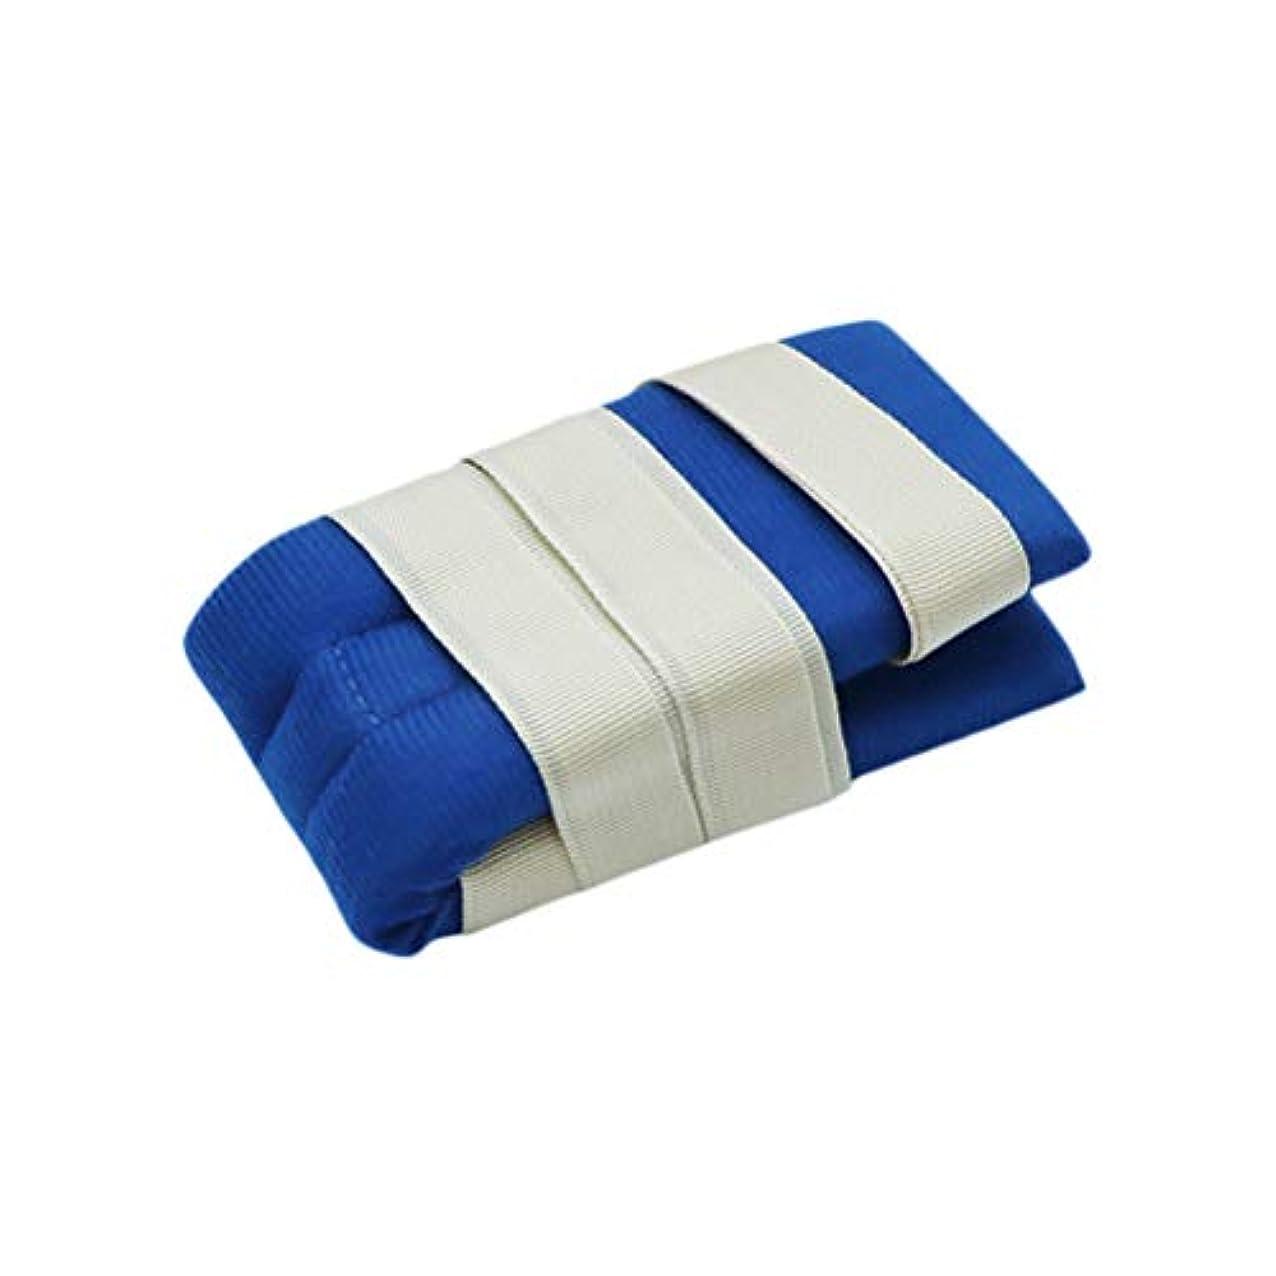 利点赤解明手または足のための柔らかい医学の制限の革紐バンド病院用ベッドの肢のホールダー患者のための普遍的な抑制制御クイックリリースバンド